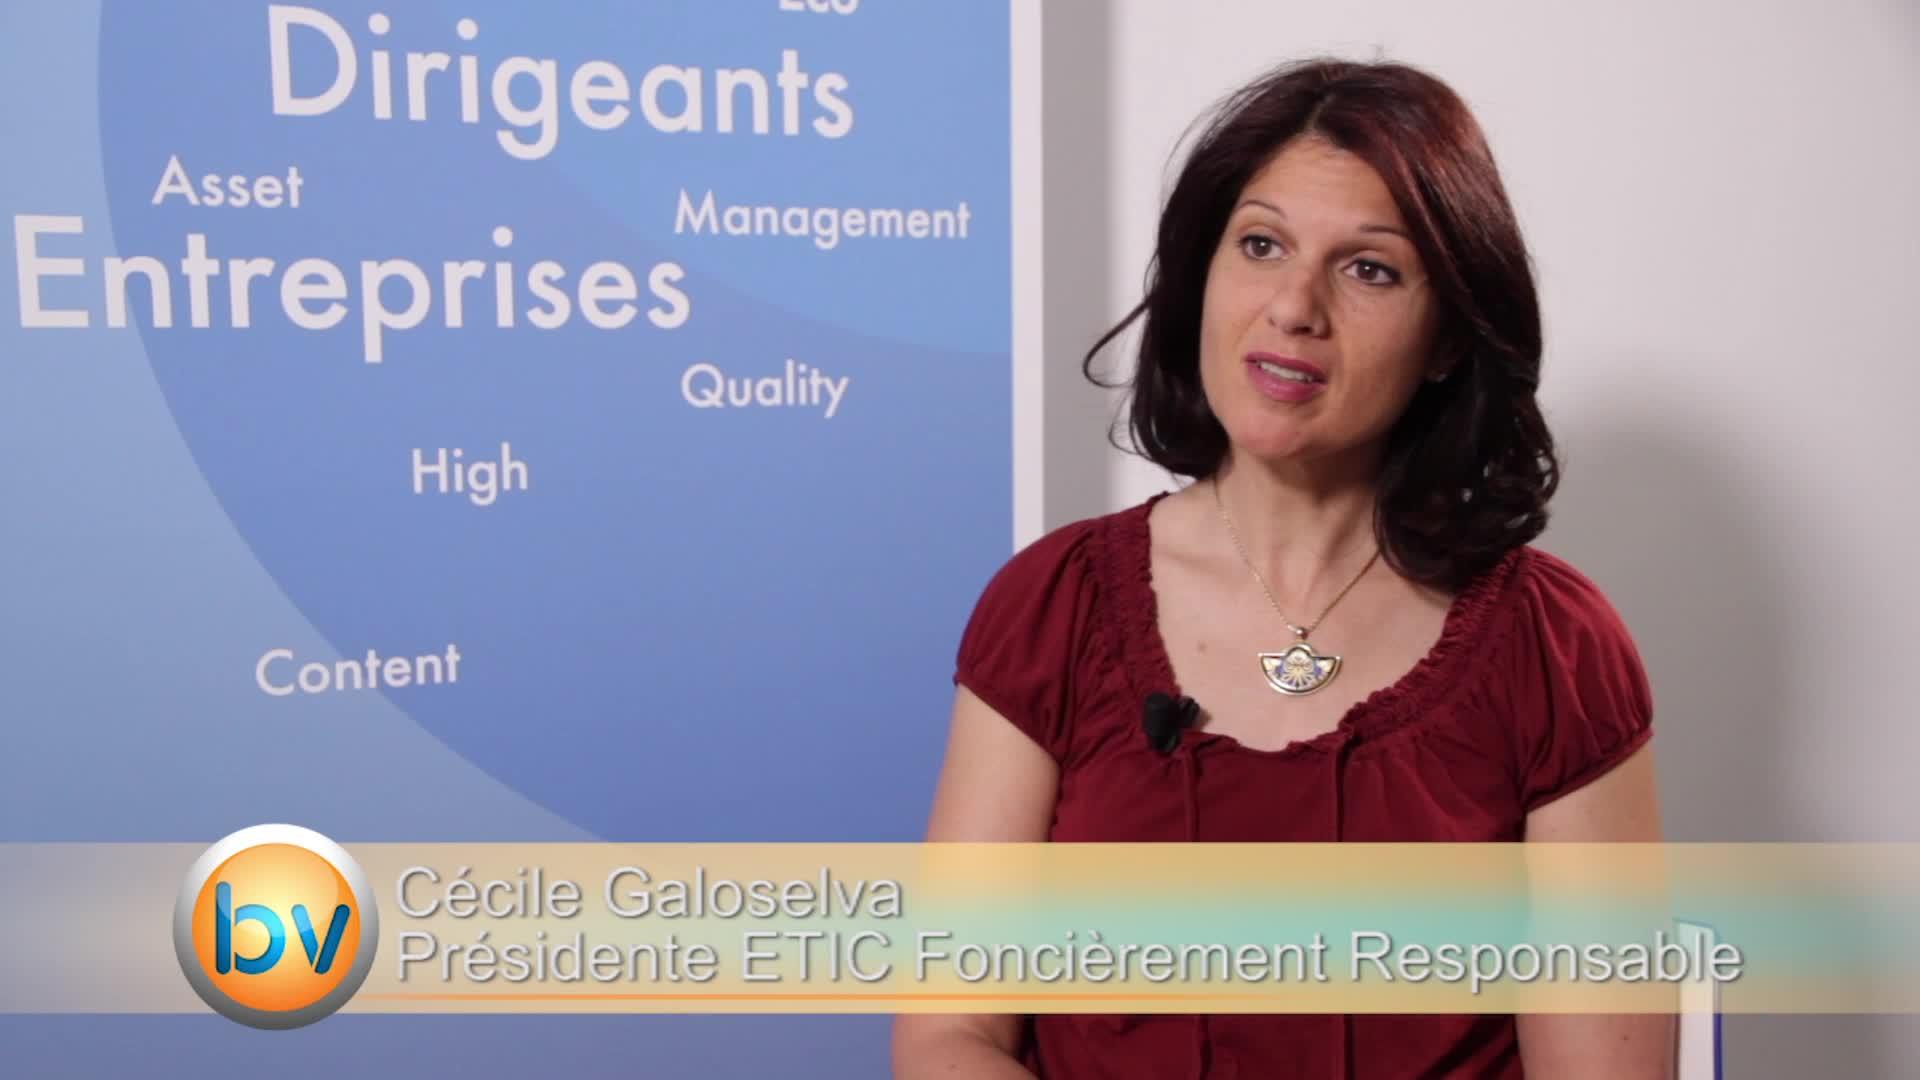 """Cécile Galoselva Présidente ETIC Foncièrement Responsable : """"On sait comment développer les projets de manière efficace"""""""